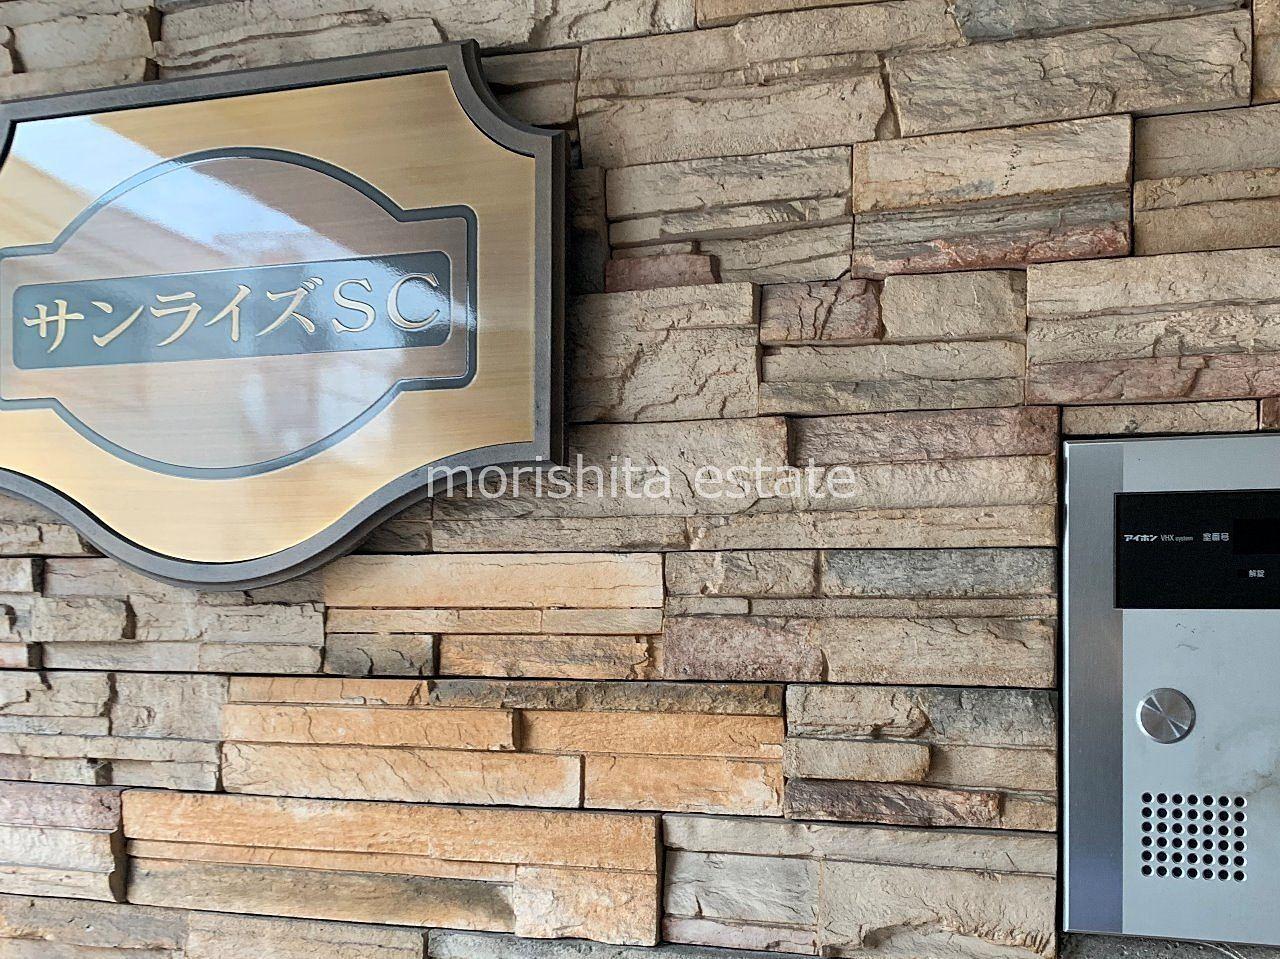 立川 サンライズSC エントランス写真